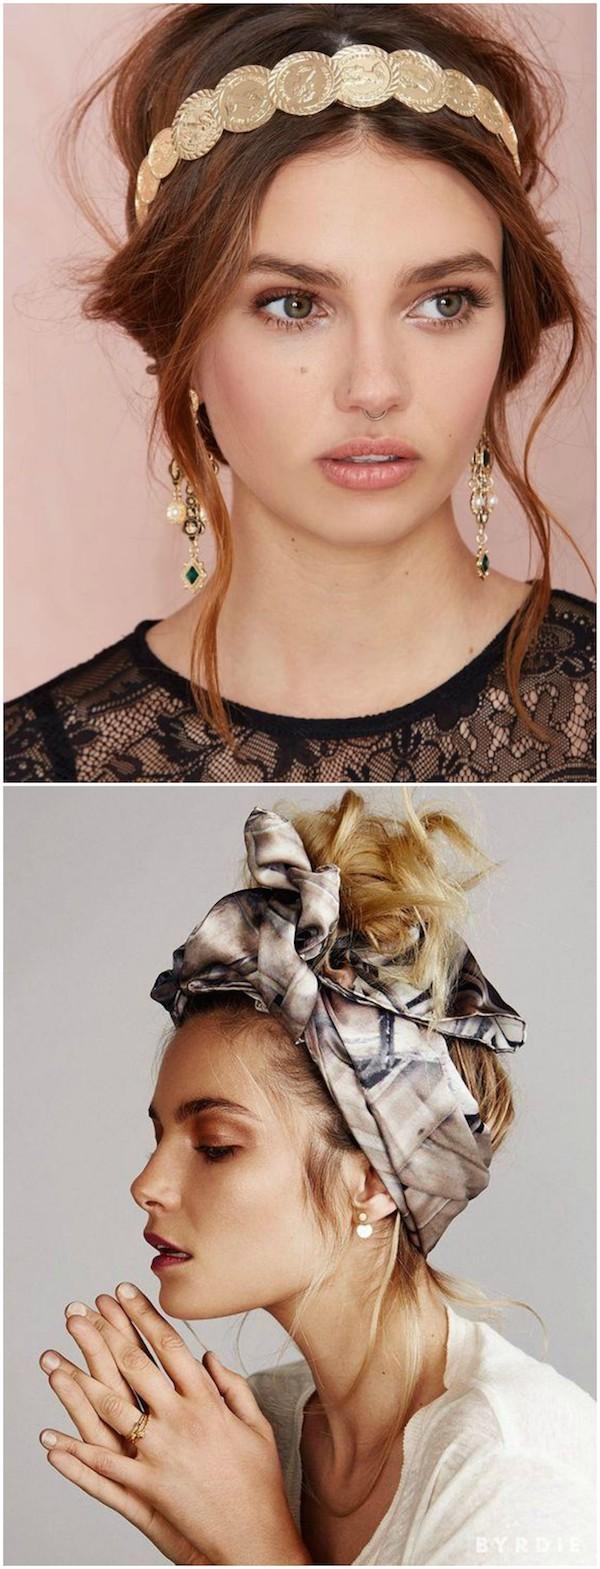 savjeti kako sakriti izrast od farbe na kosi mamaklik 2019 rajfovi marame za glavu